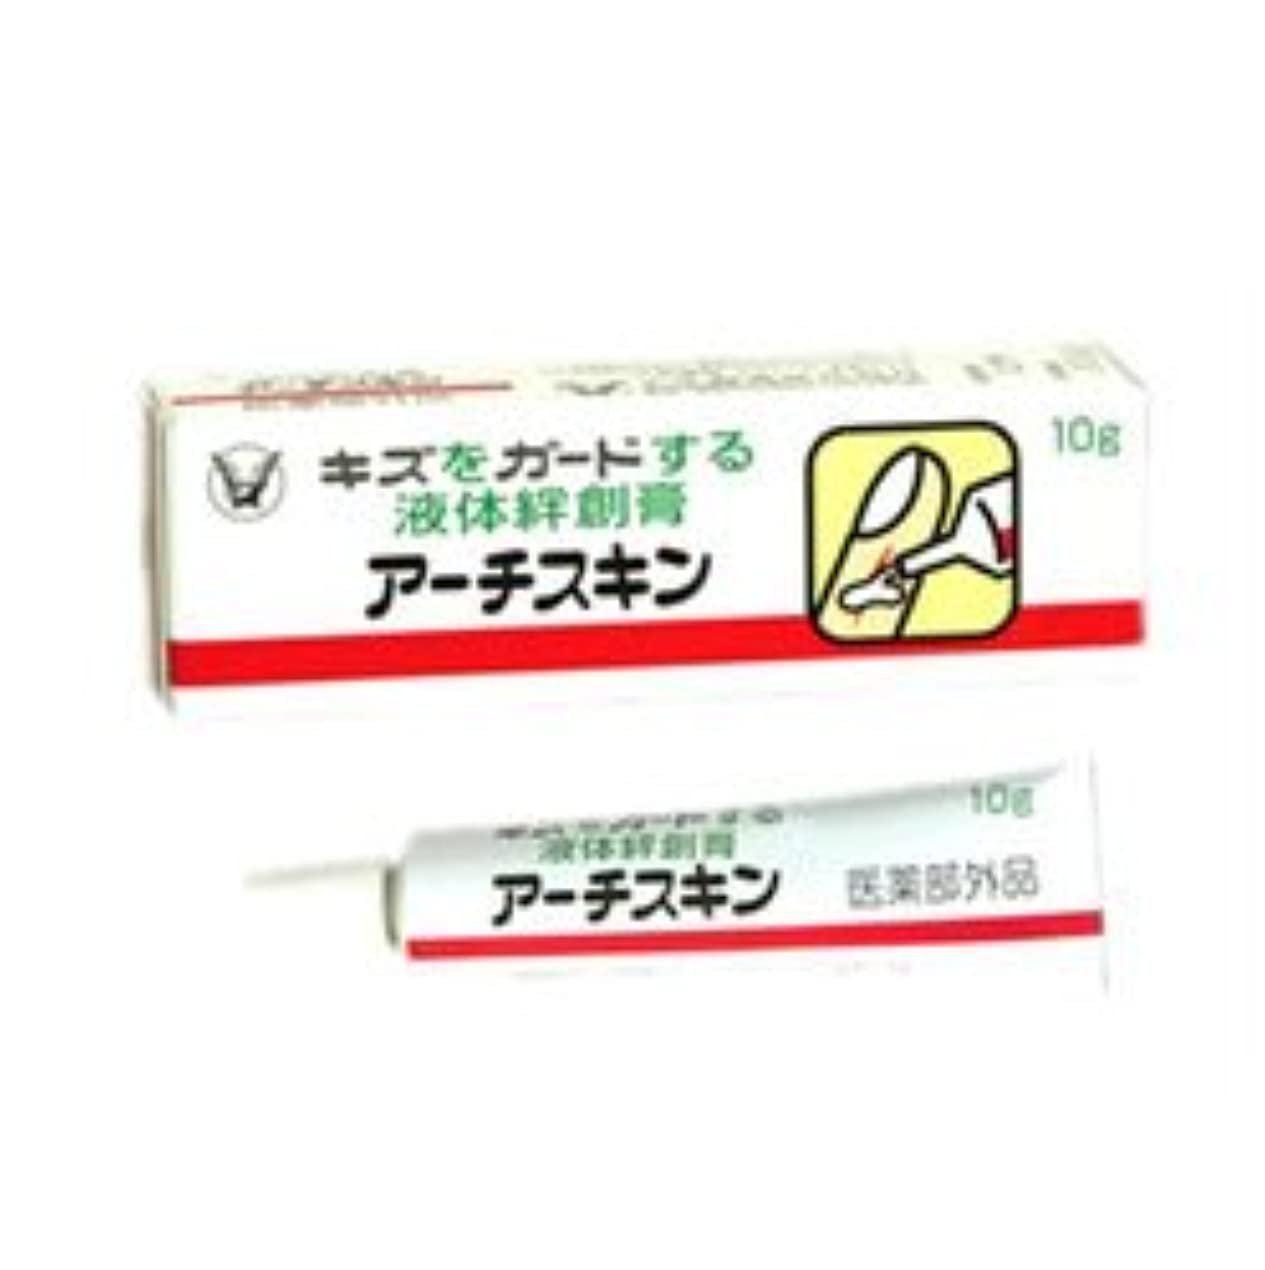 味方母考案する【大正製薬】アーチスキン 10g ×5個セット